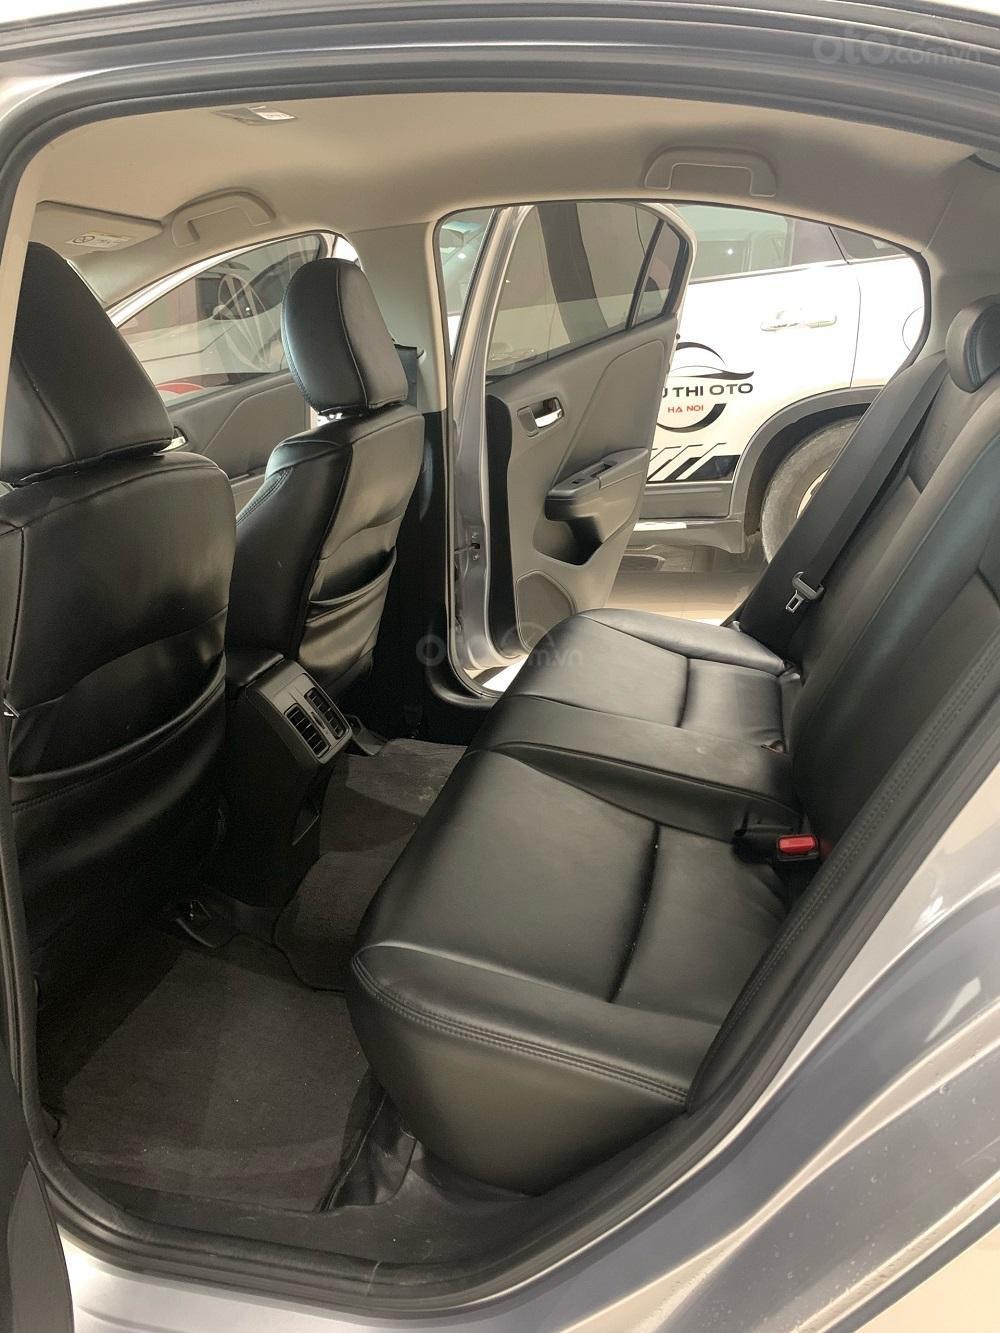 Honda City 2017 AT, màu bạc, 25.000KM - Chỉ từ 150 triệu-9